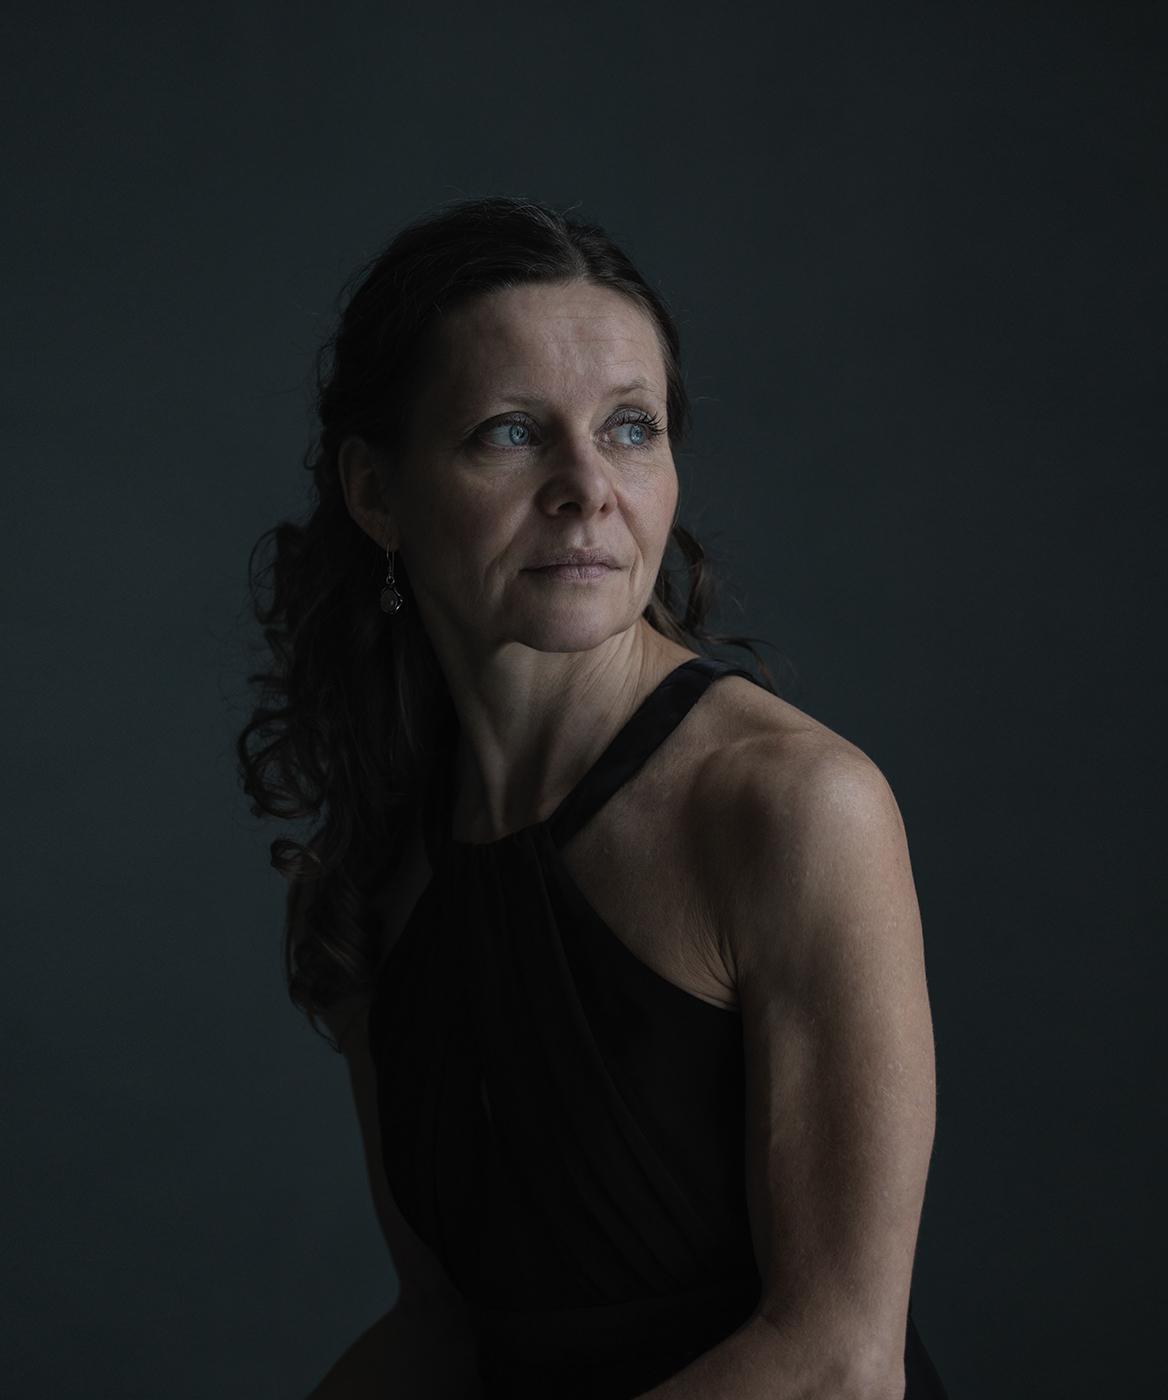 Susanne Middelberg, portret, portrait, actress,